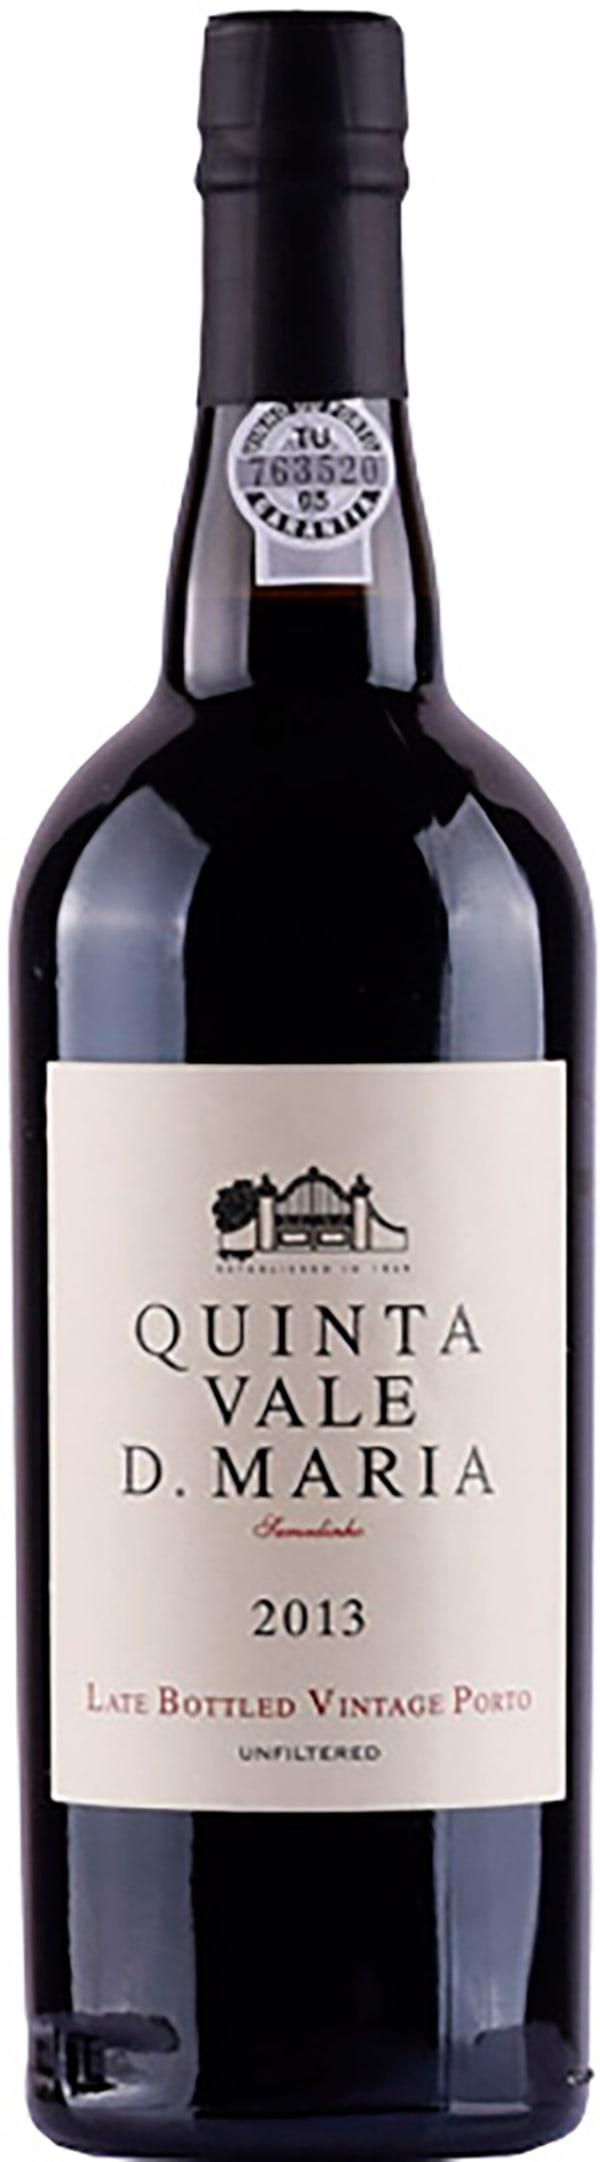 Quinta Vale D. Maria Late Bottled Vintage Port 2013